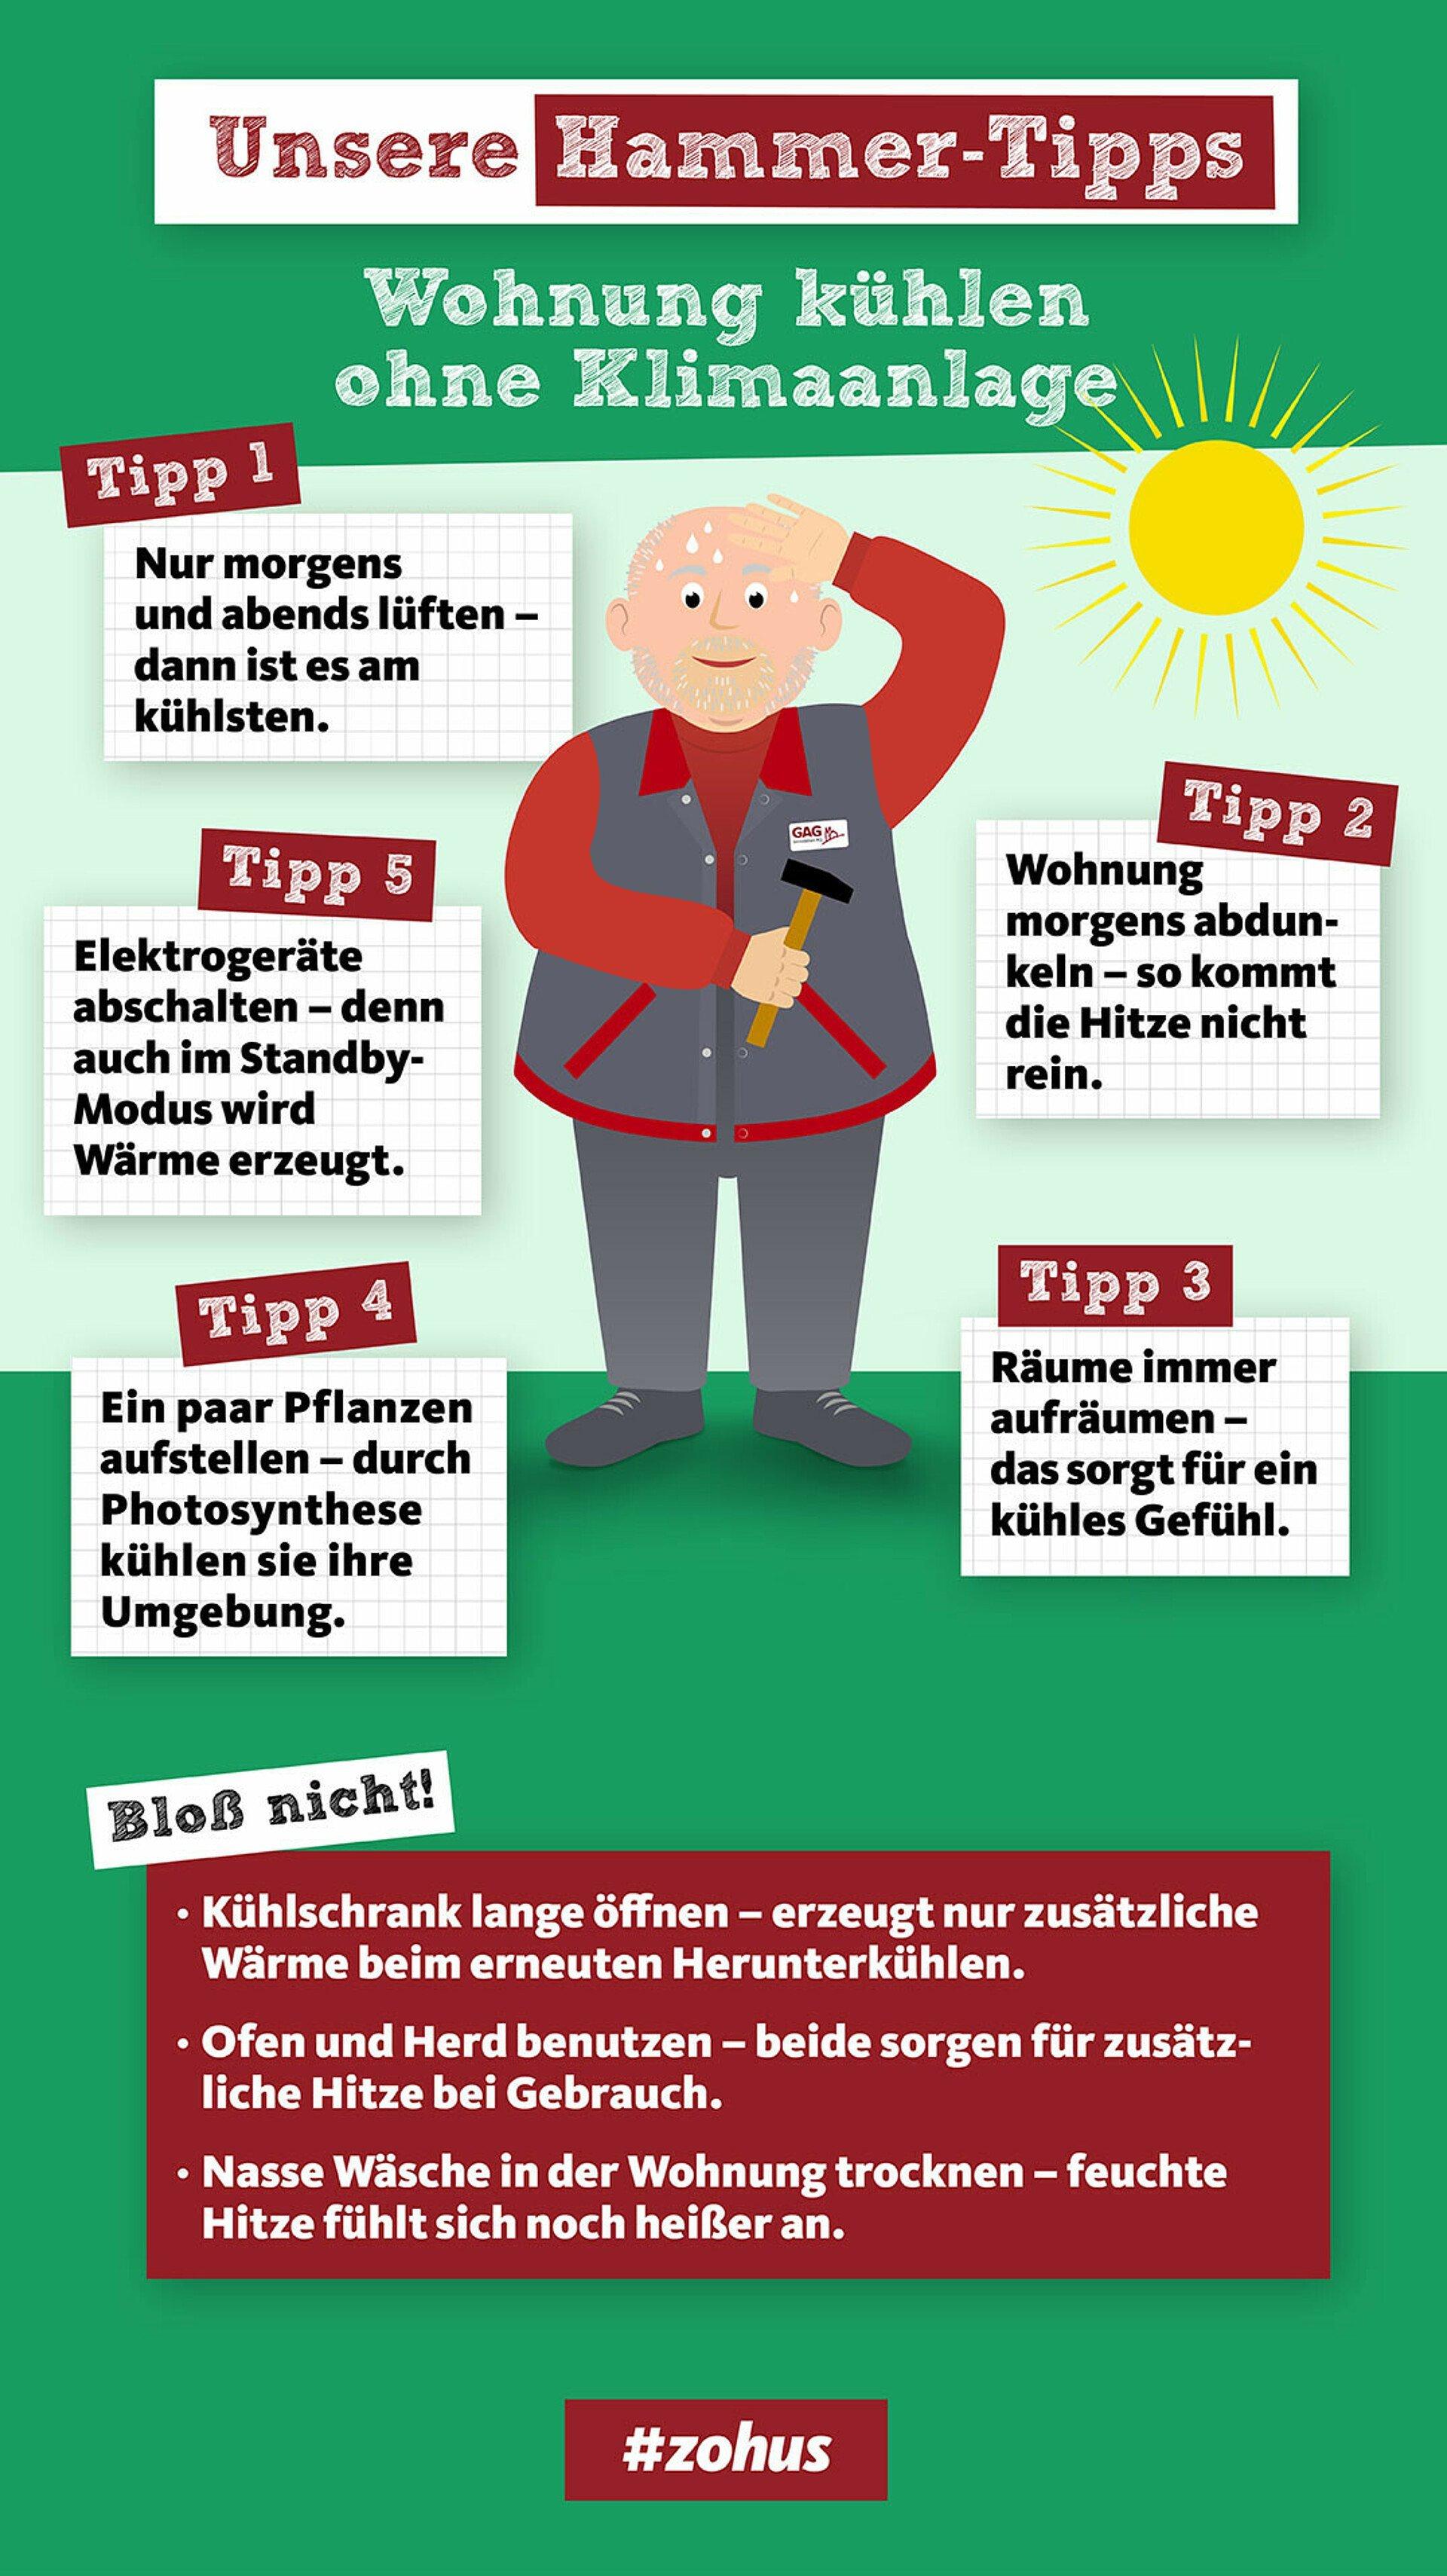 Infografik Wohnung kühlen ohne Klimaanlage